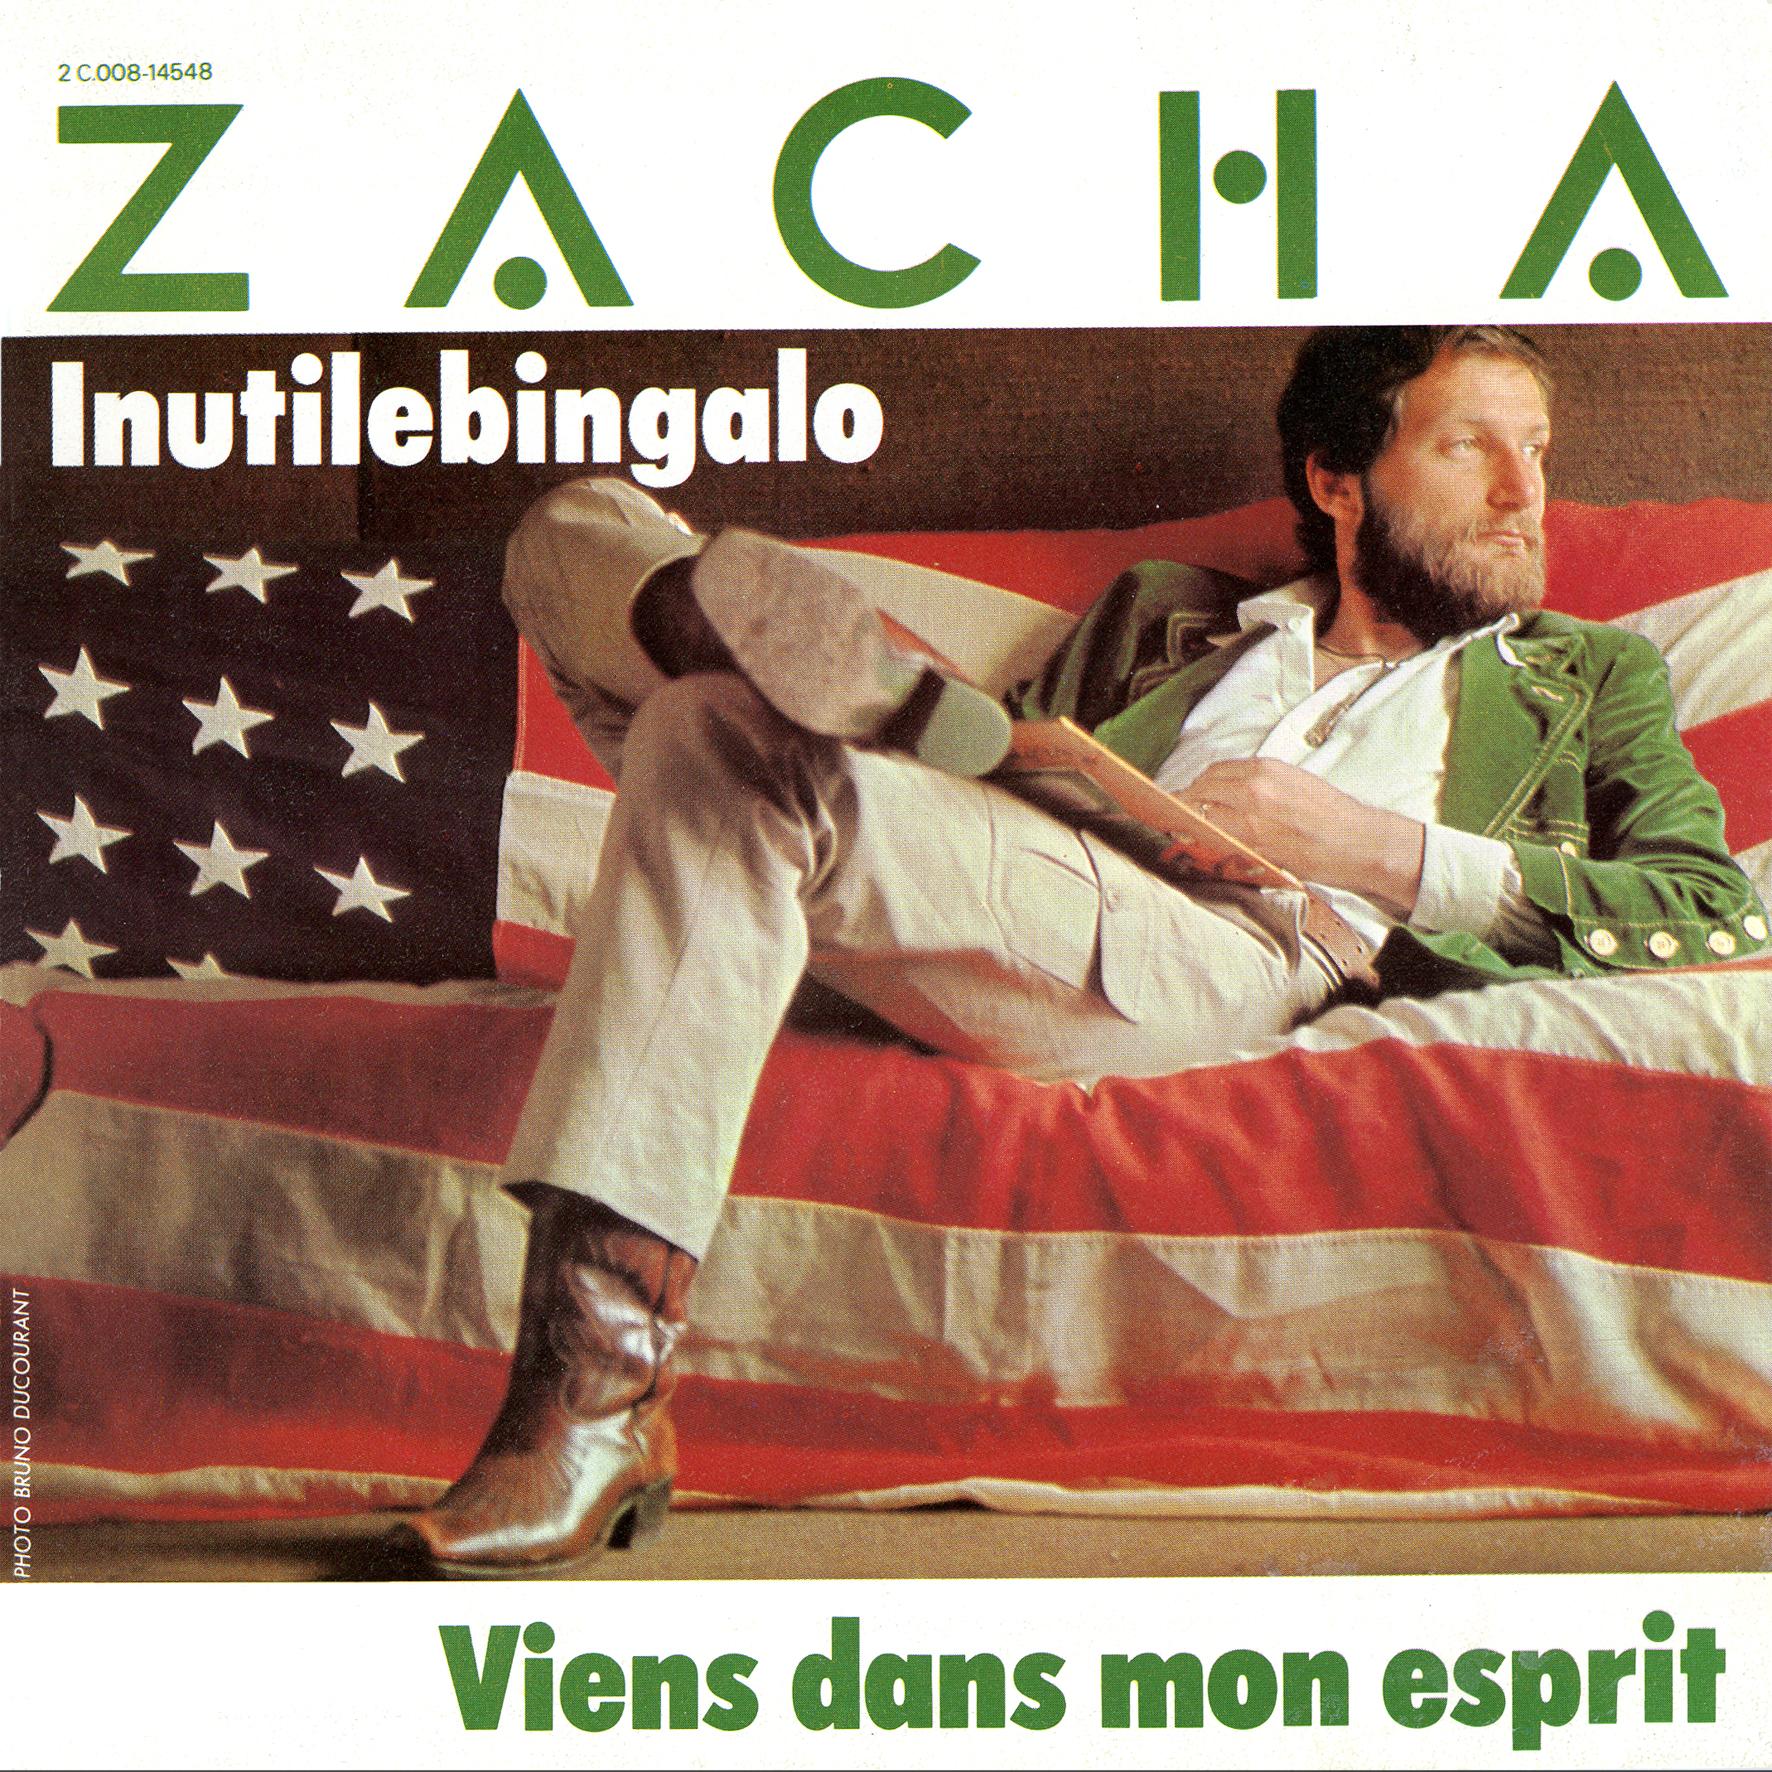 MICHEL ZACHA